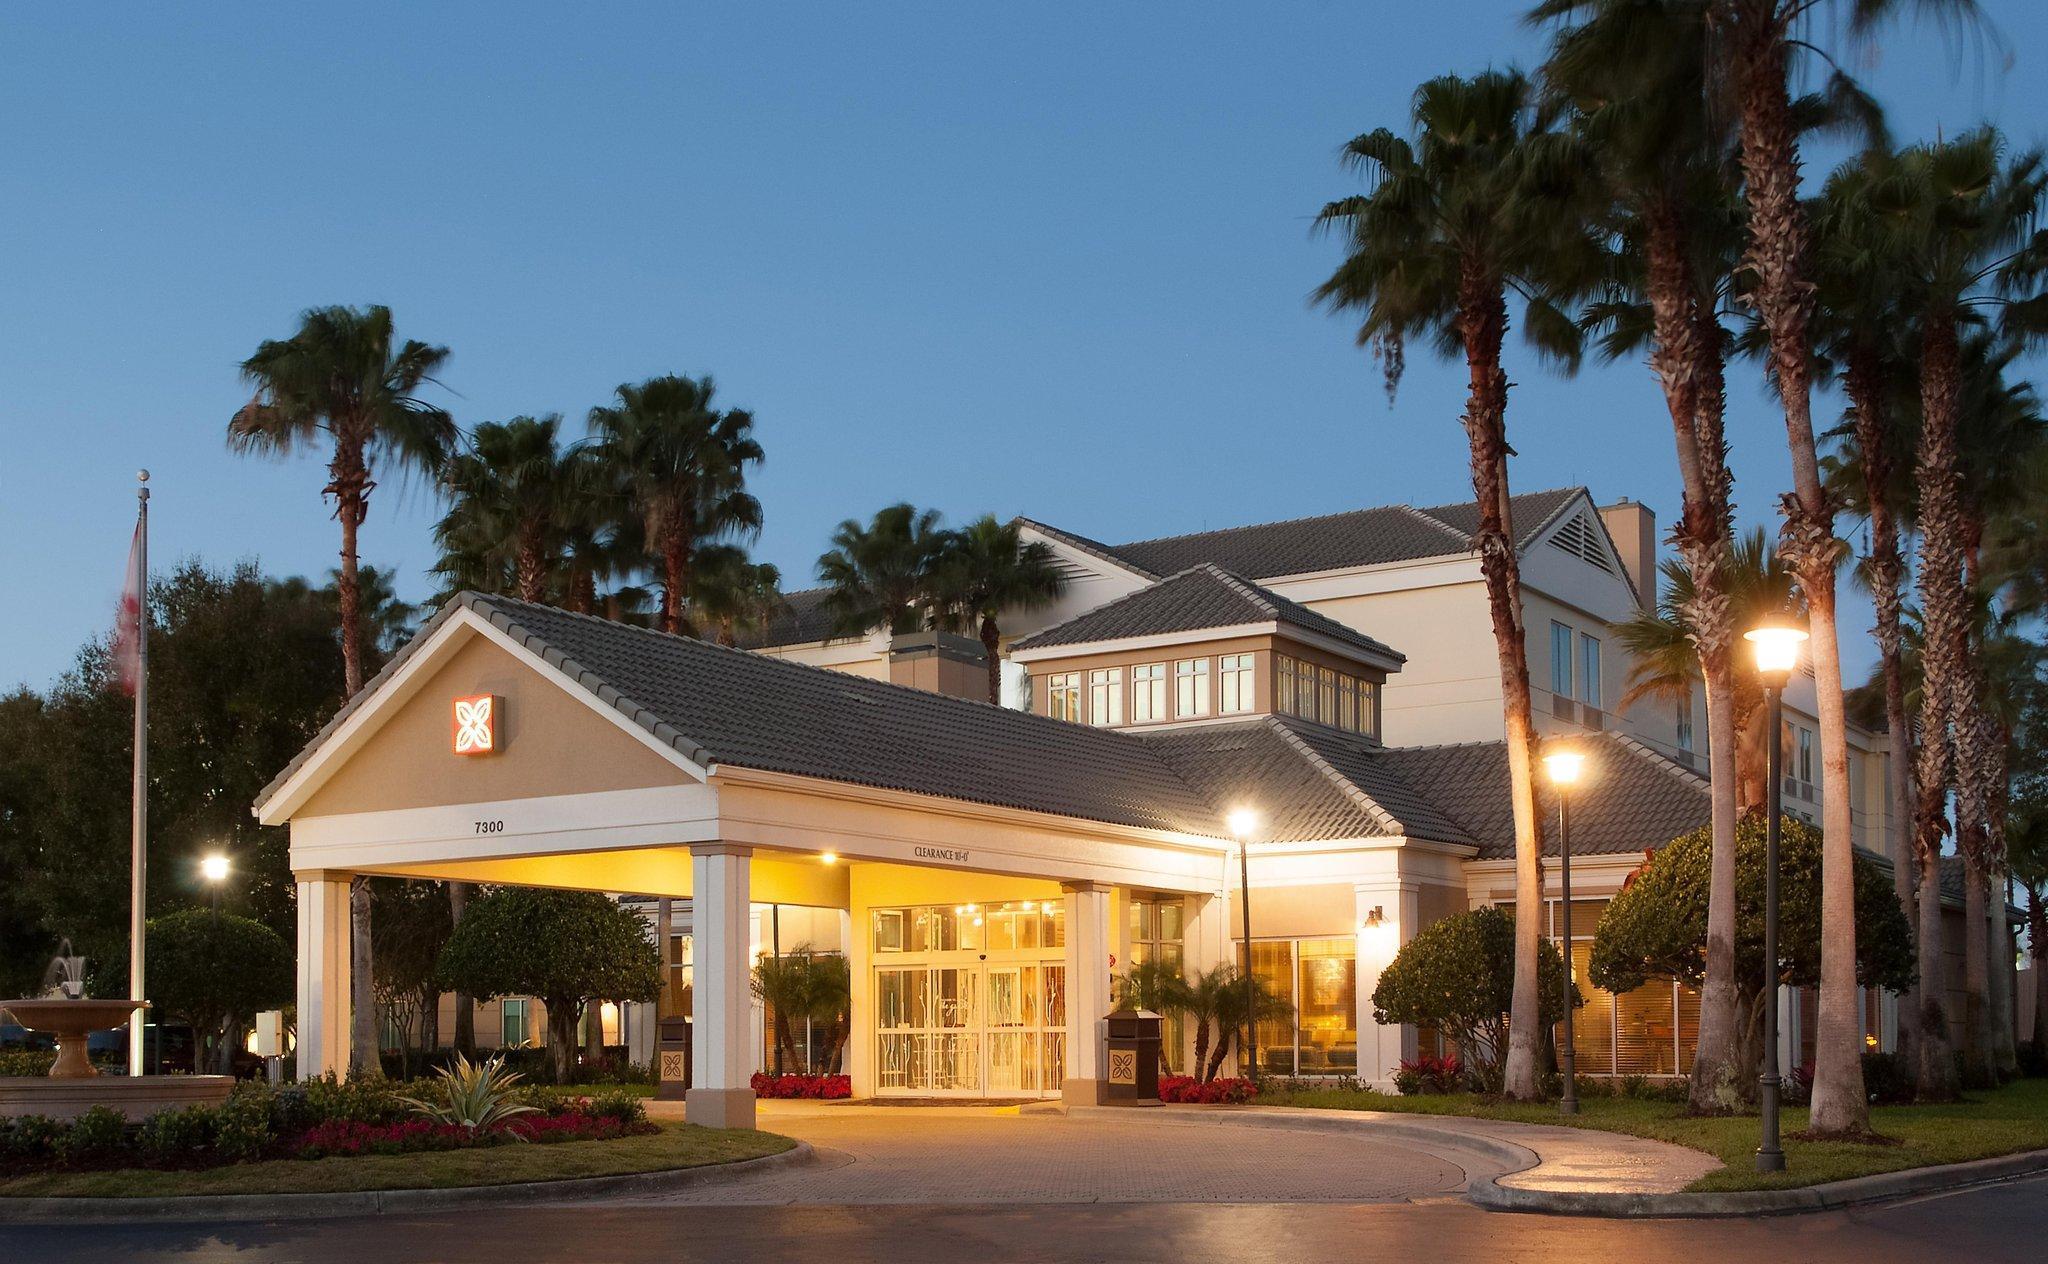 Hilton Garden Inn Orlando Airport Hotel